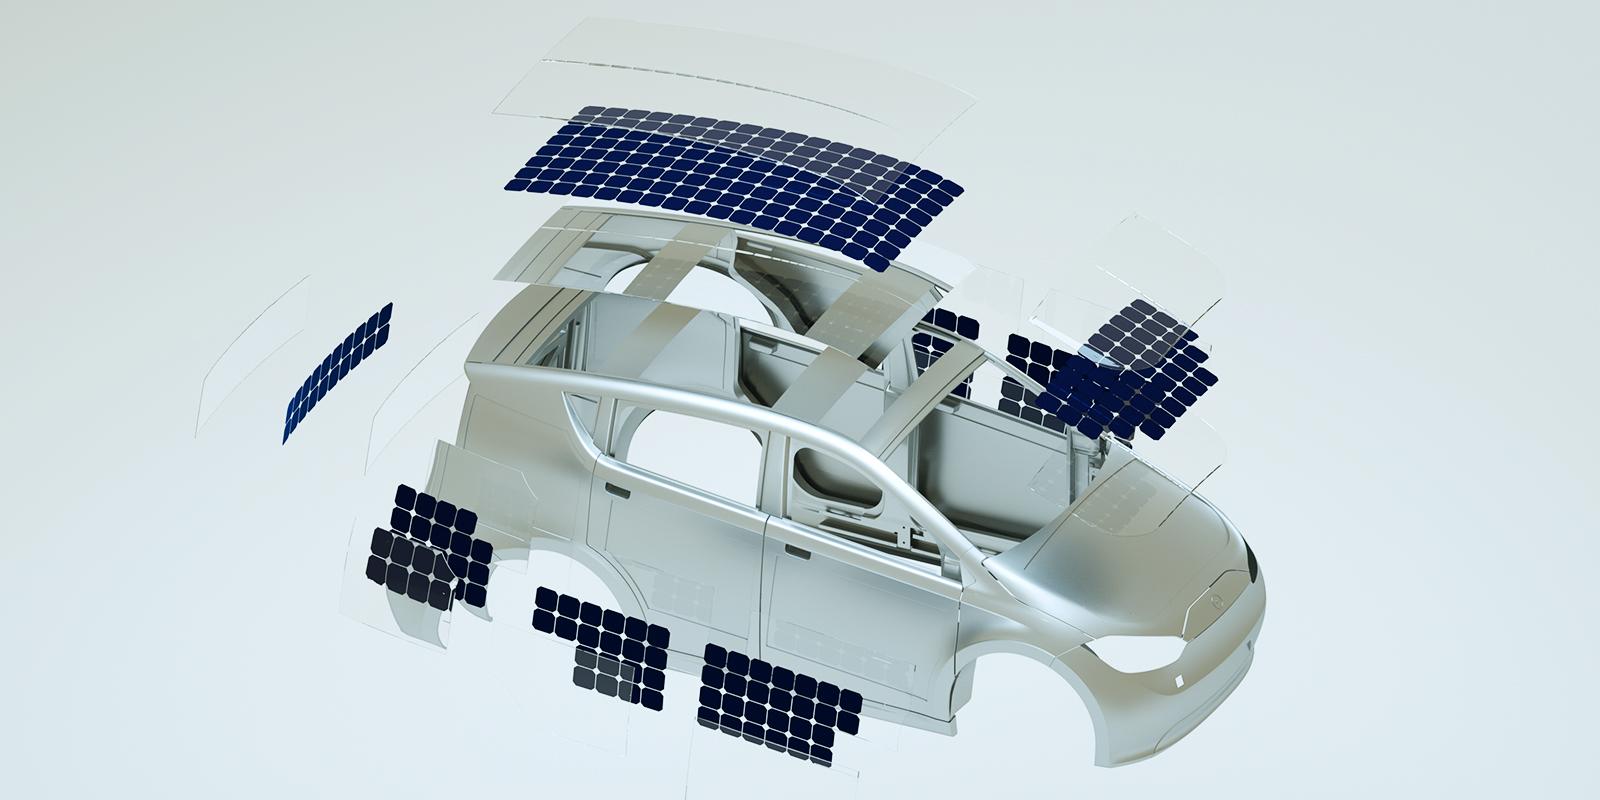 Sion, el coche eléctrico solar de Sono Motors